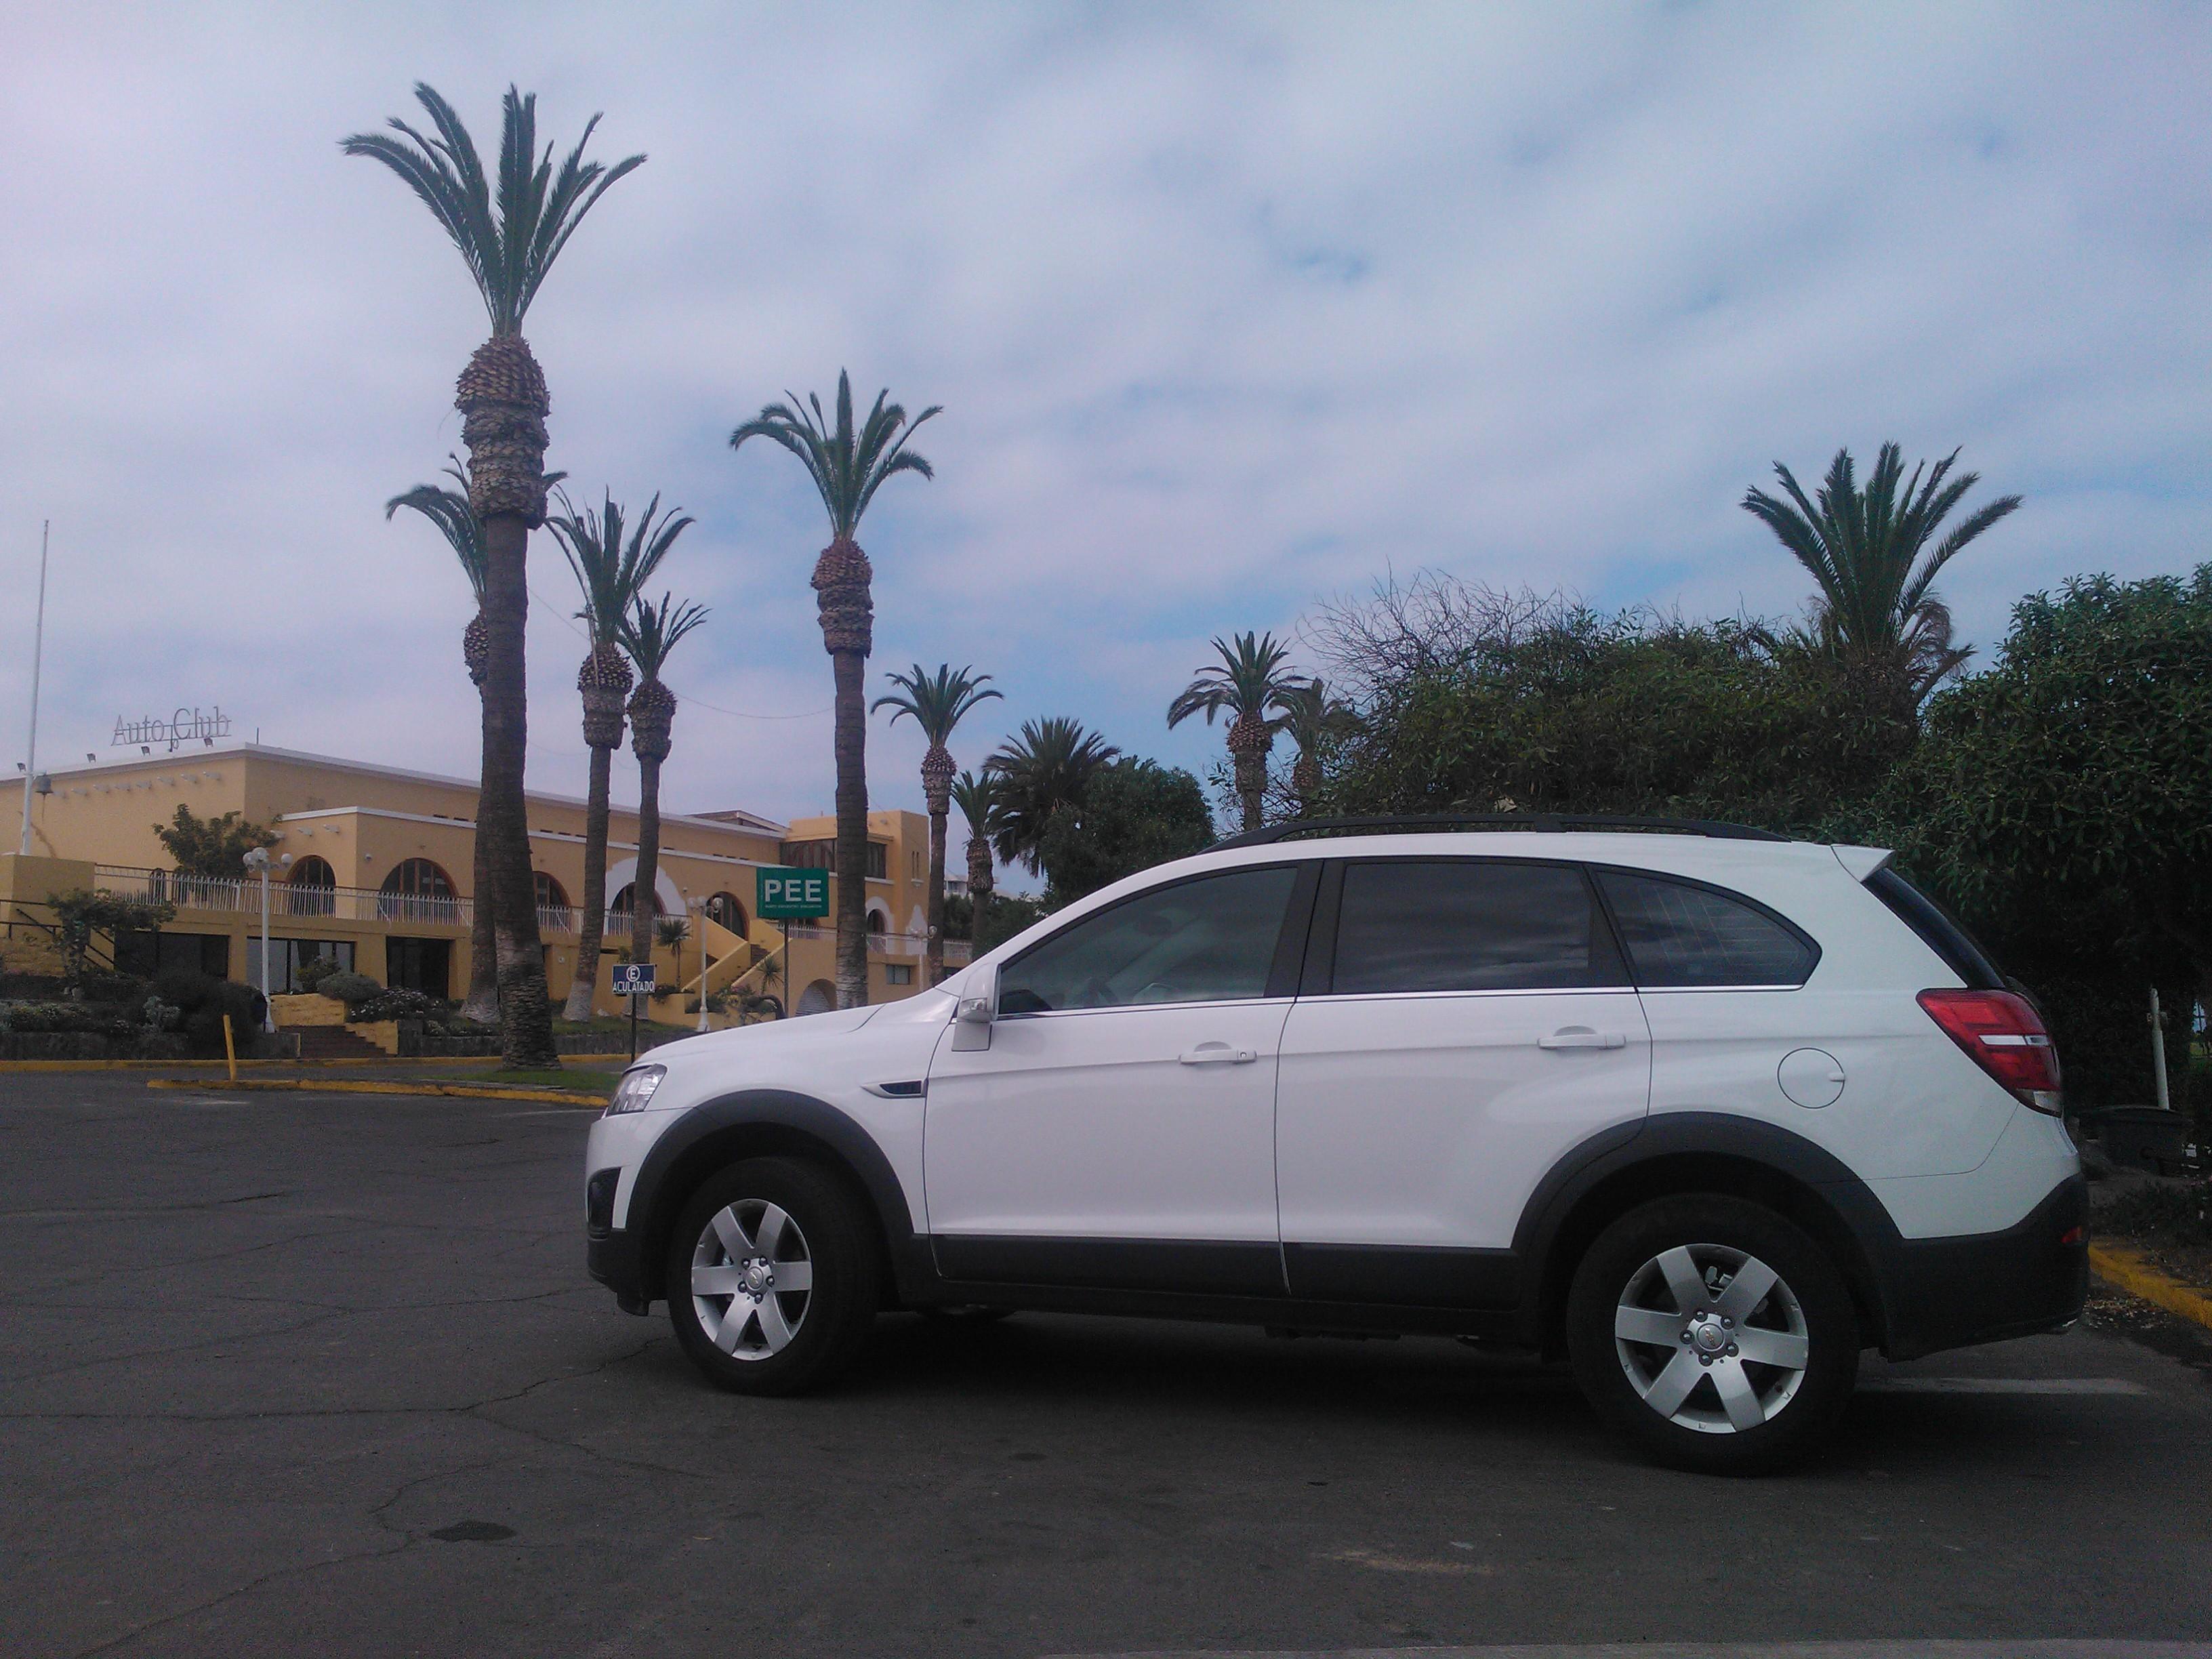 Autoclub Antofagasta